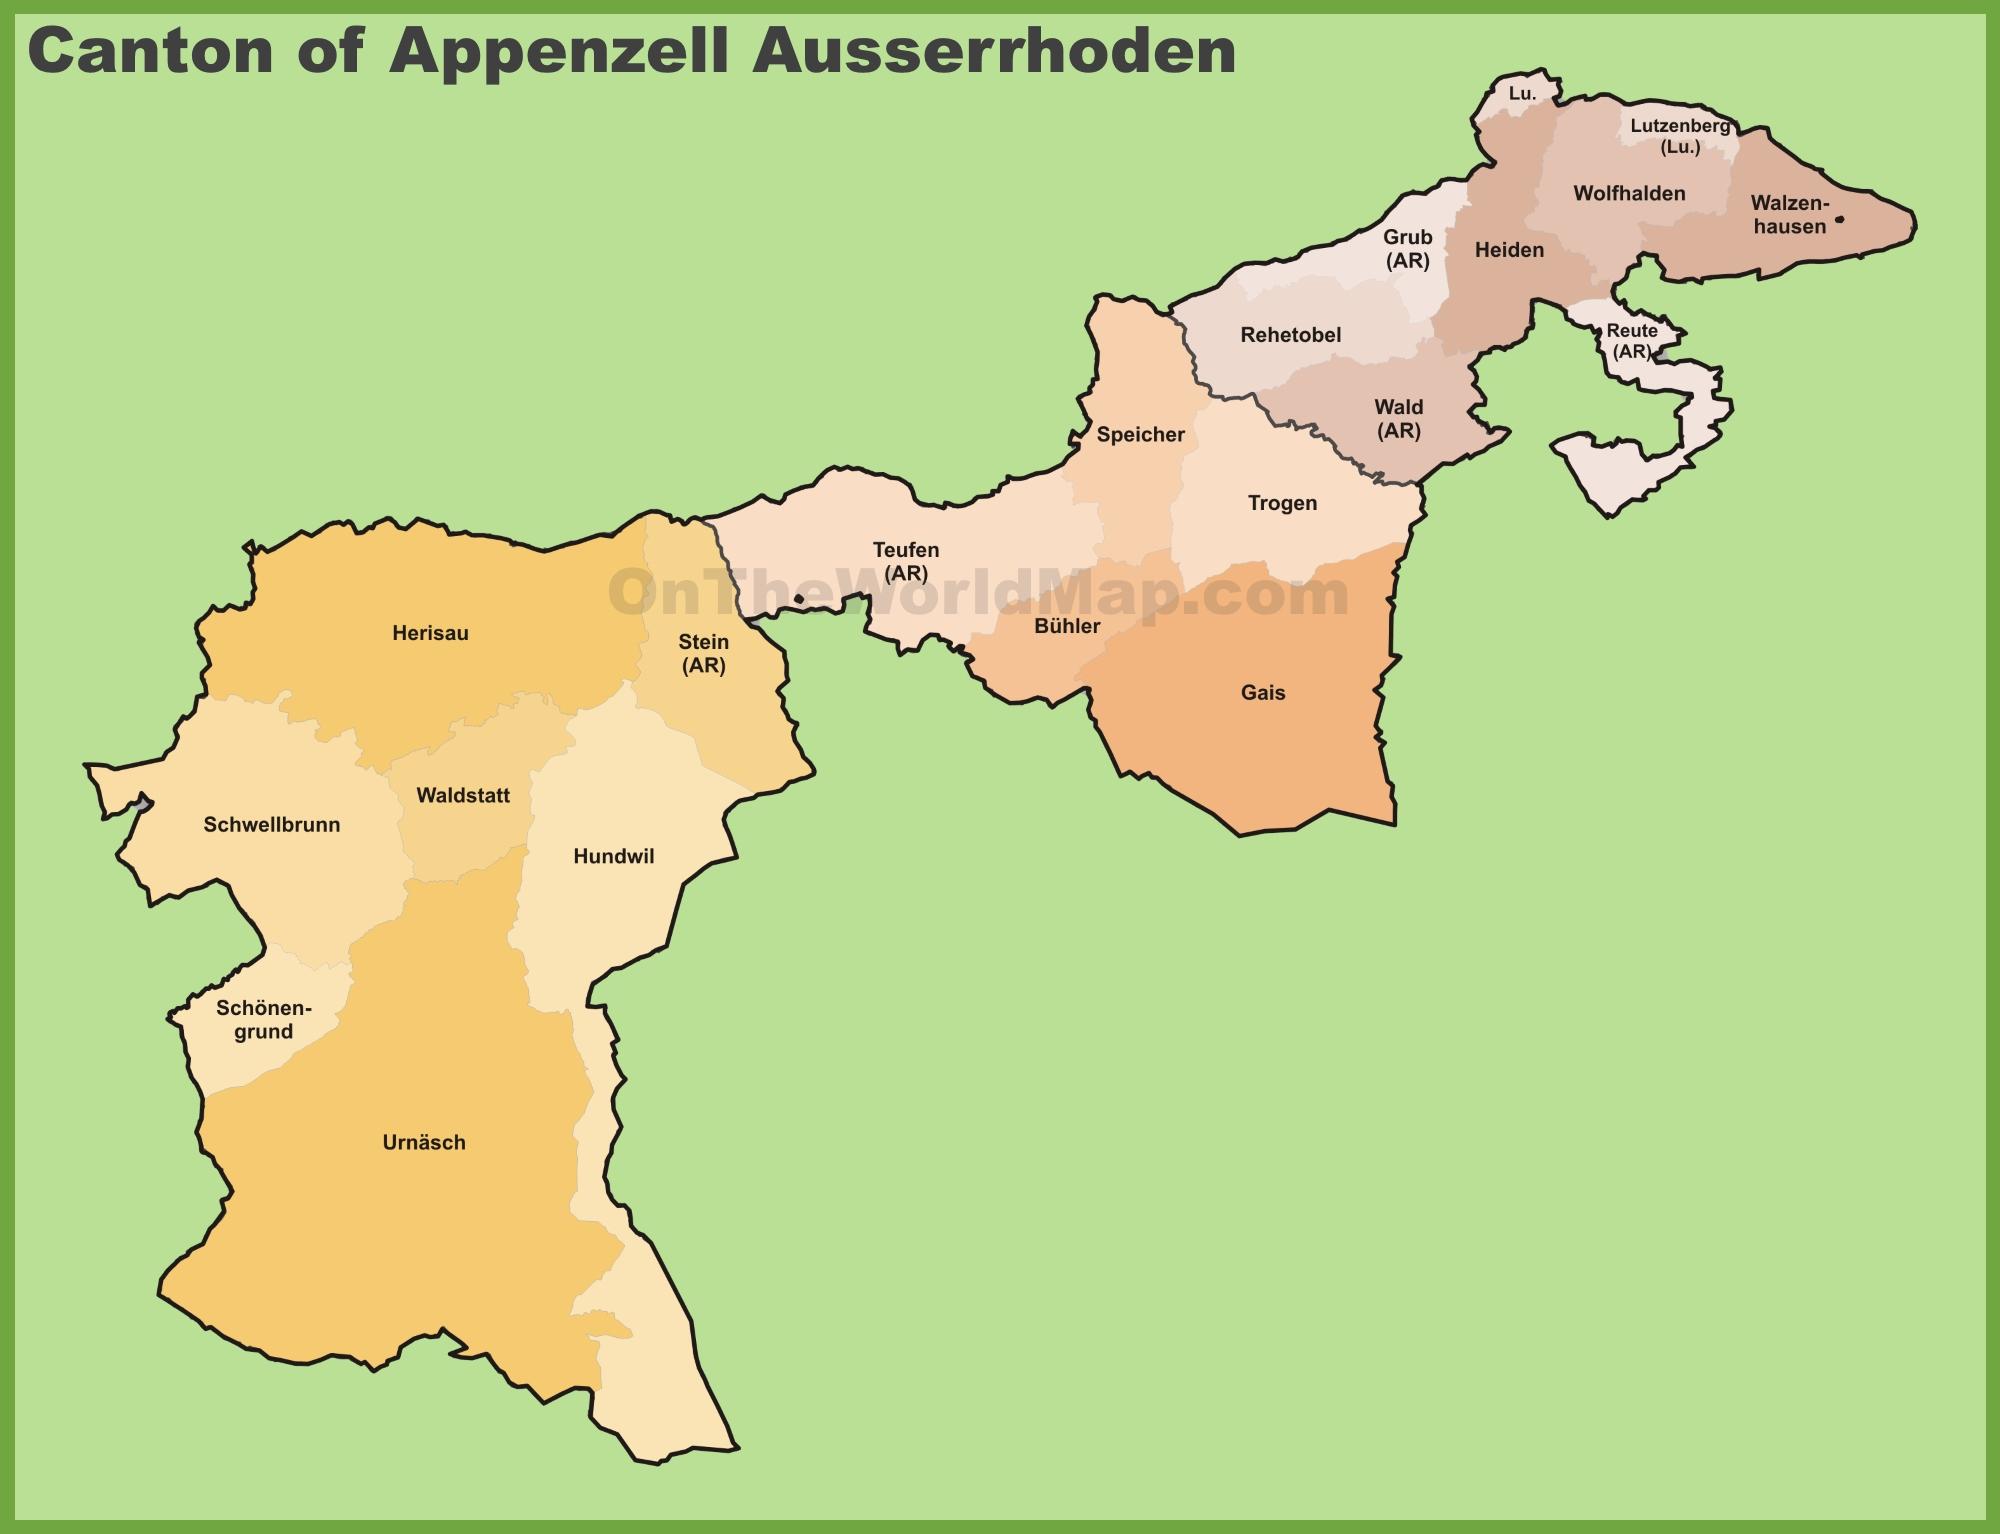 Canton of Appenzell Ausserrhoden municipality map